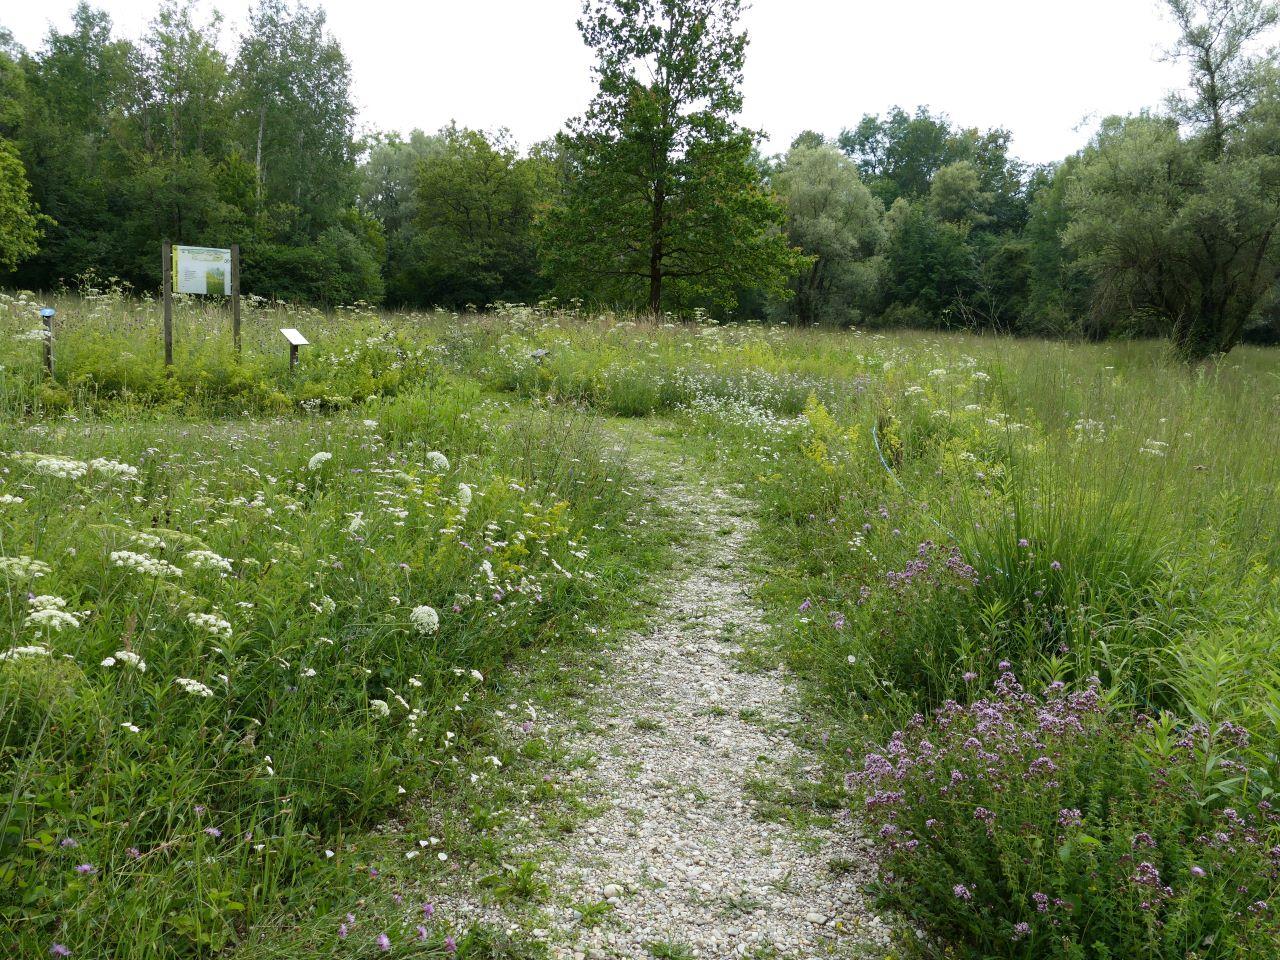 Eine artenreiche Magerwiese ist Lebensraum für eine große Insektenvielfalt